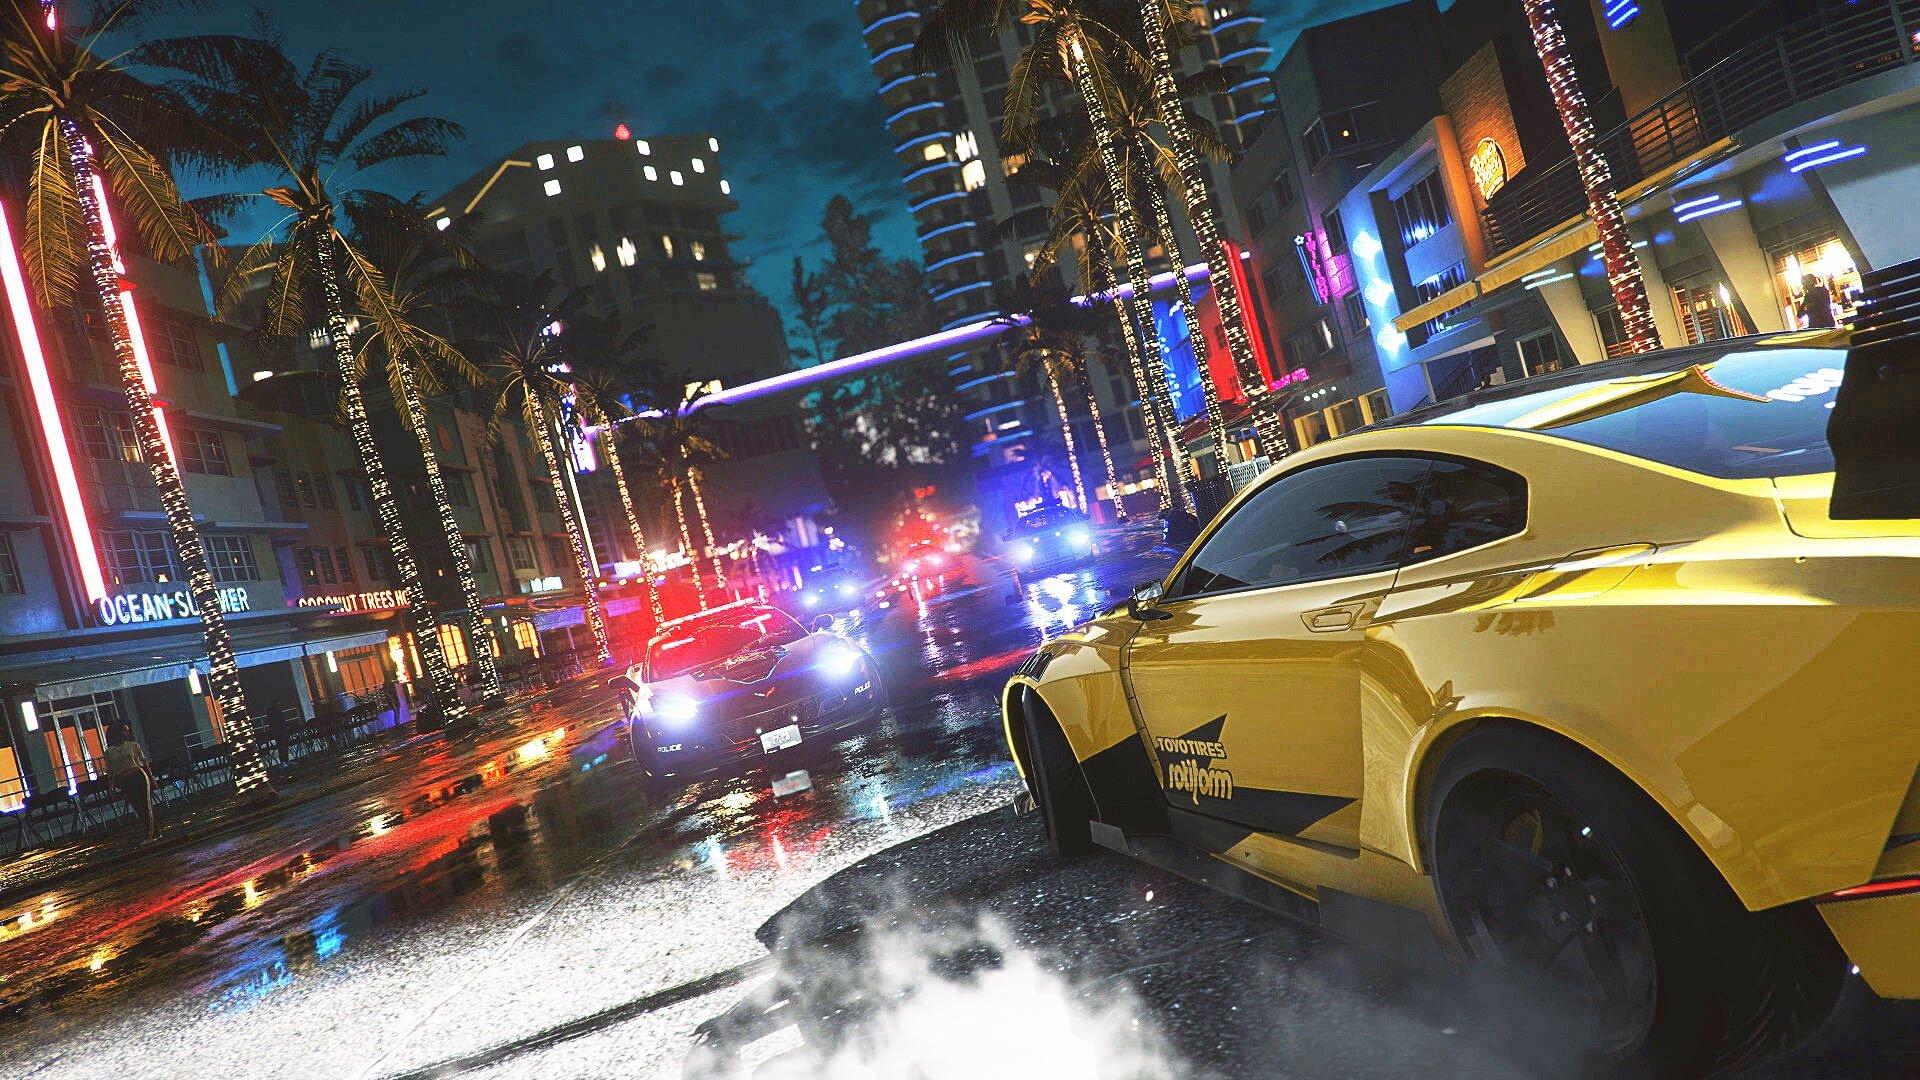 В Steam началась крупная распродажа. 1500 игр можно получить по скидке до 90%